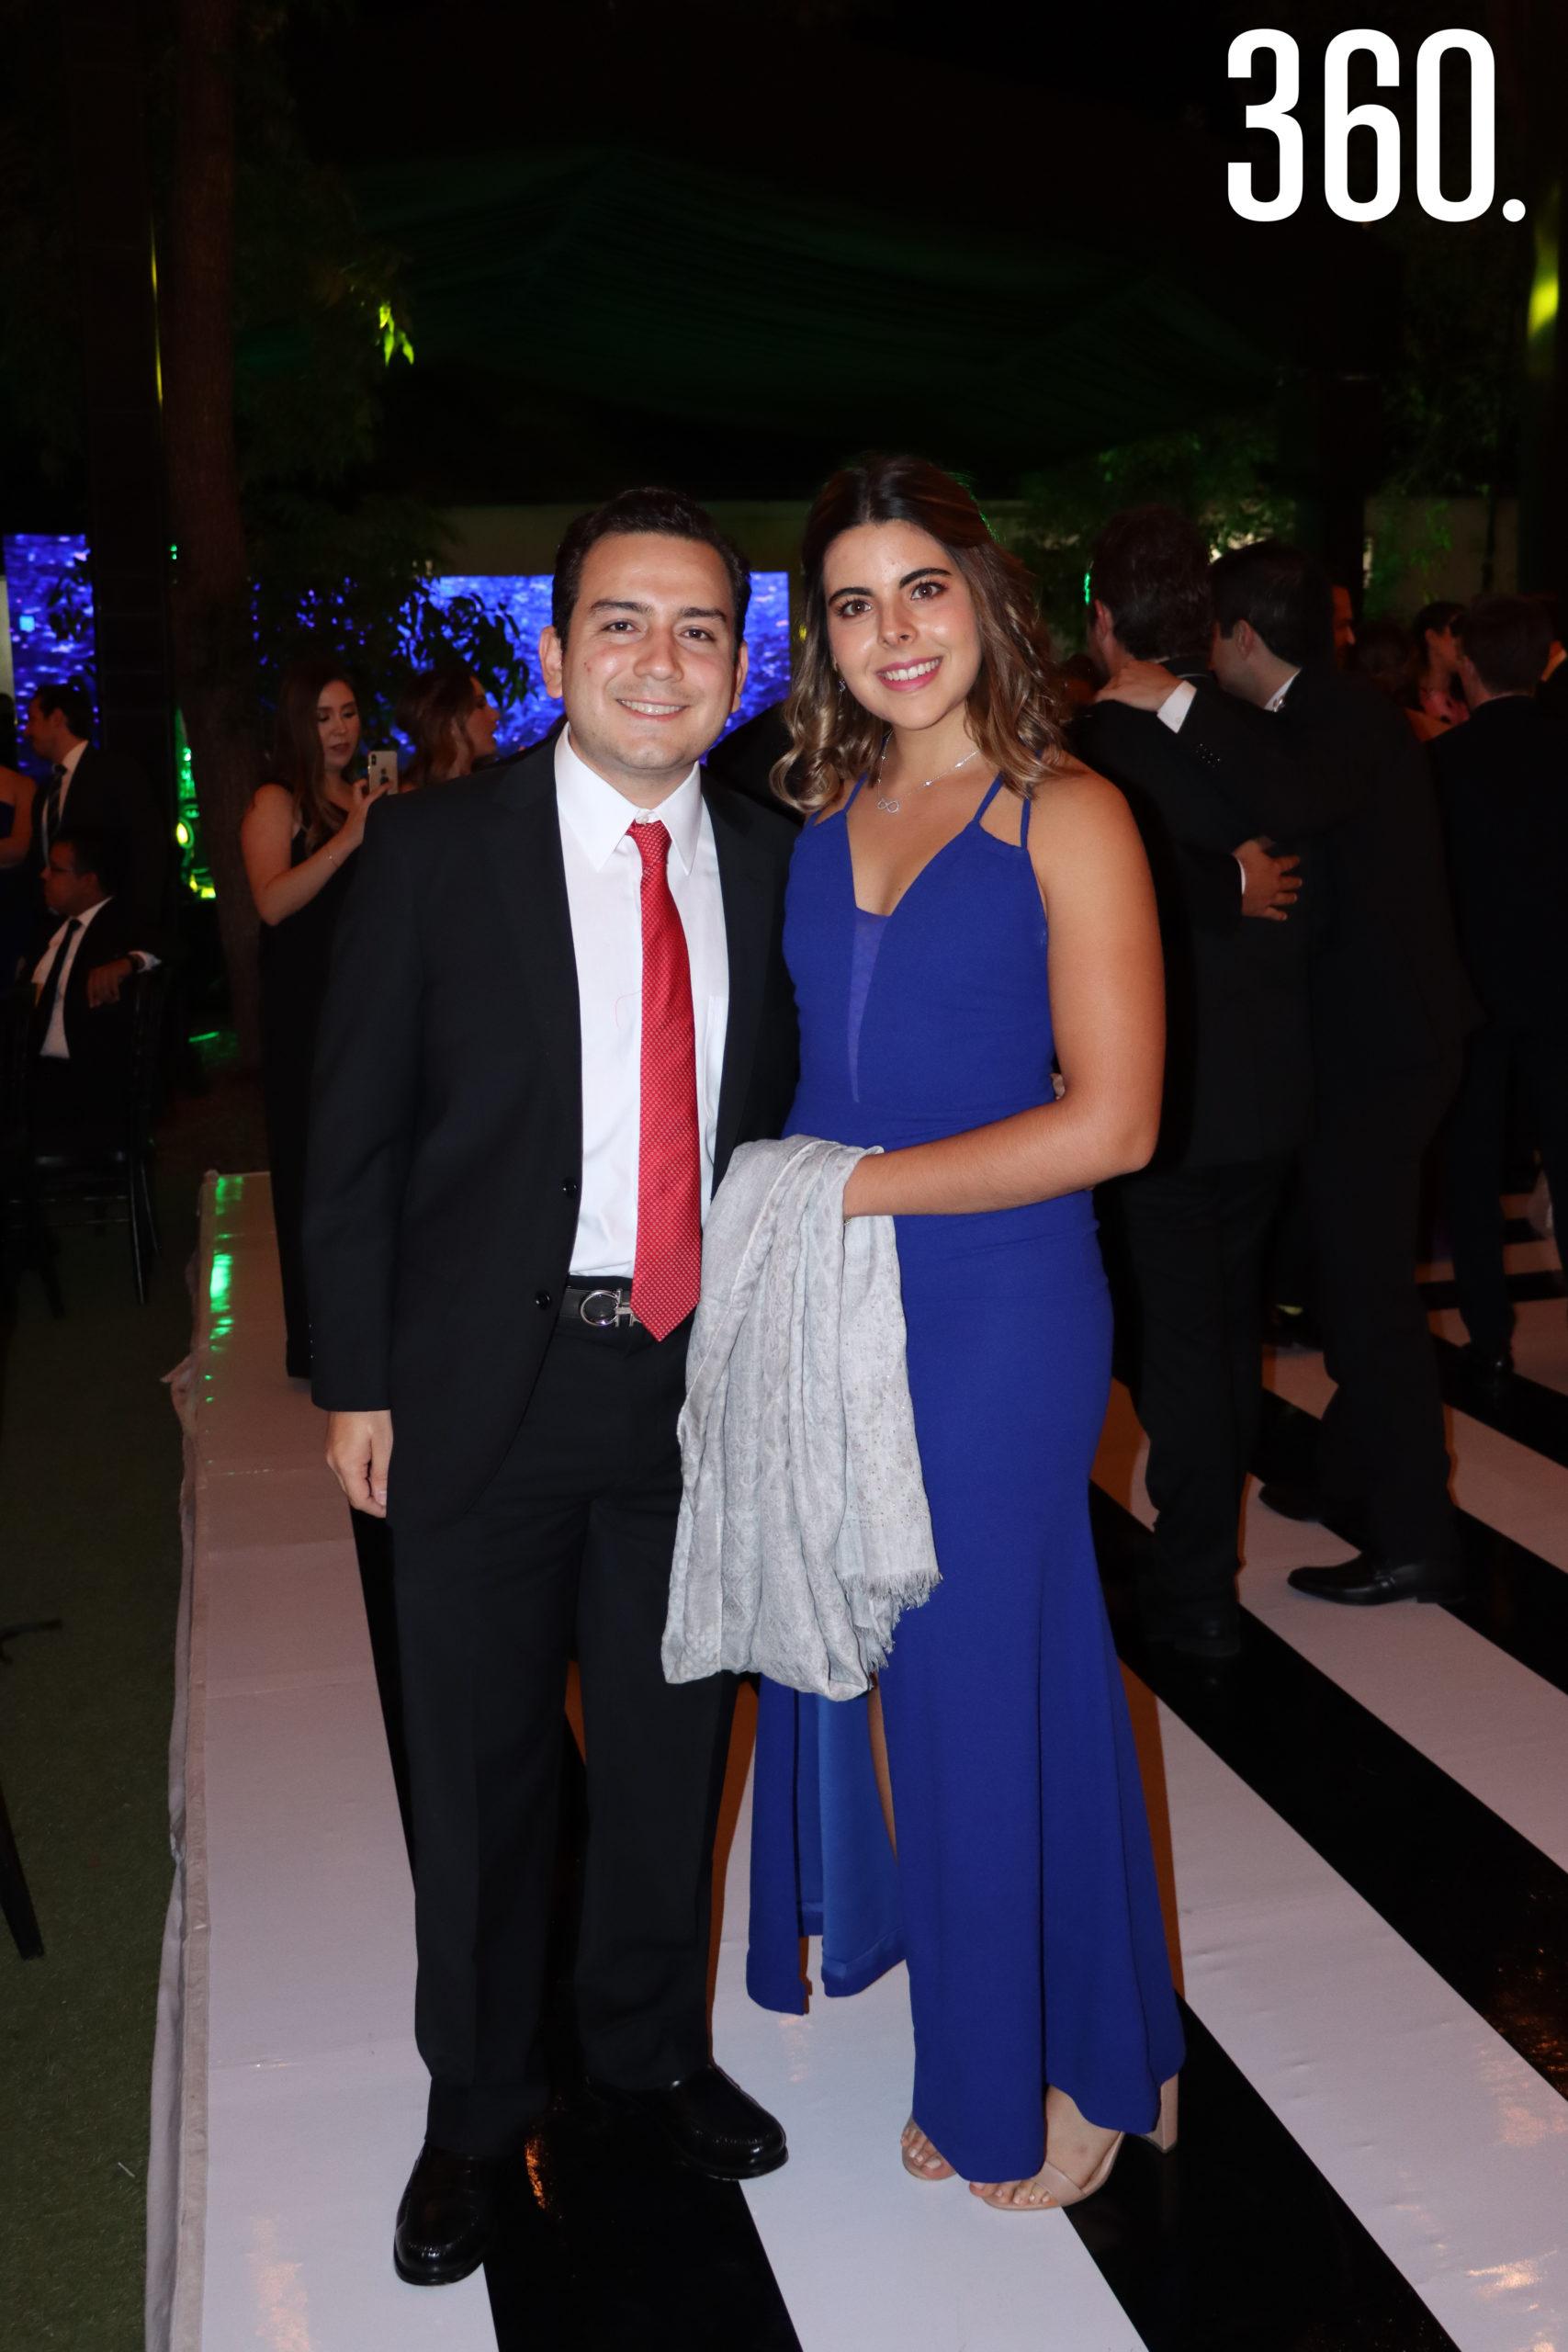 David Rubio y Mariana de Nigris.